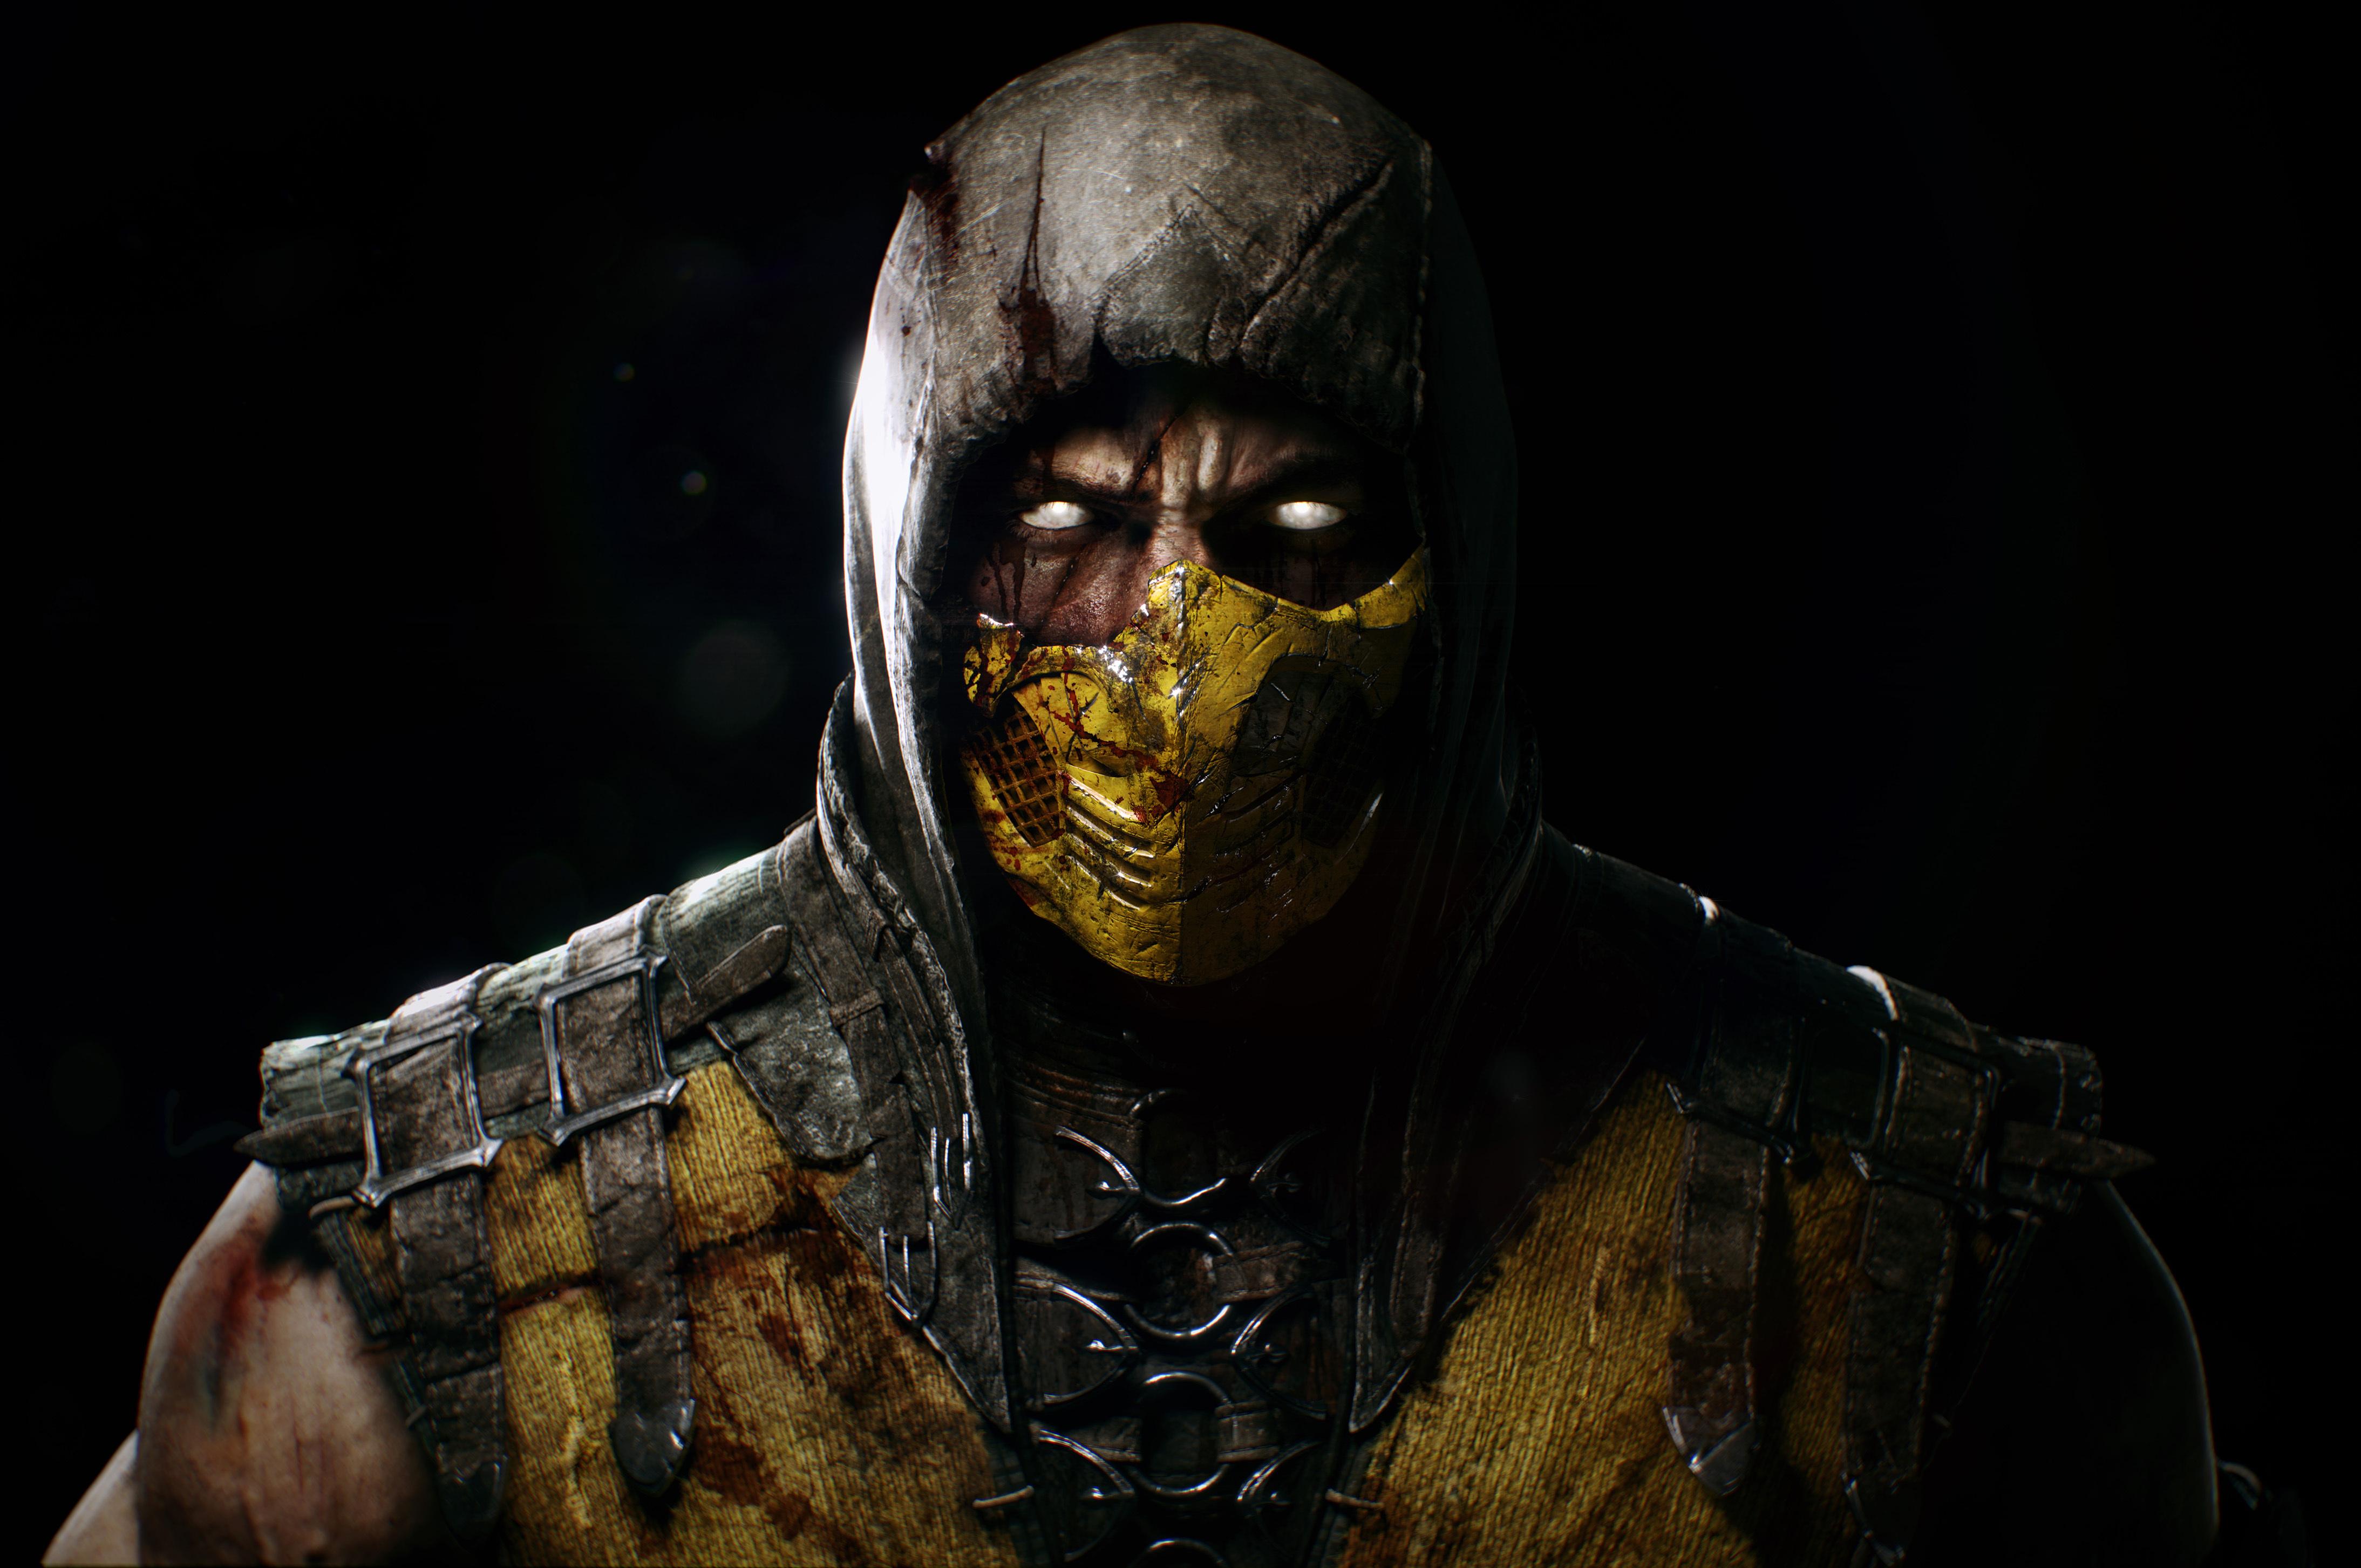 Mortal Kombat X 4k Ultra Hd Wallpaper Scorpion Mortal